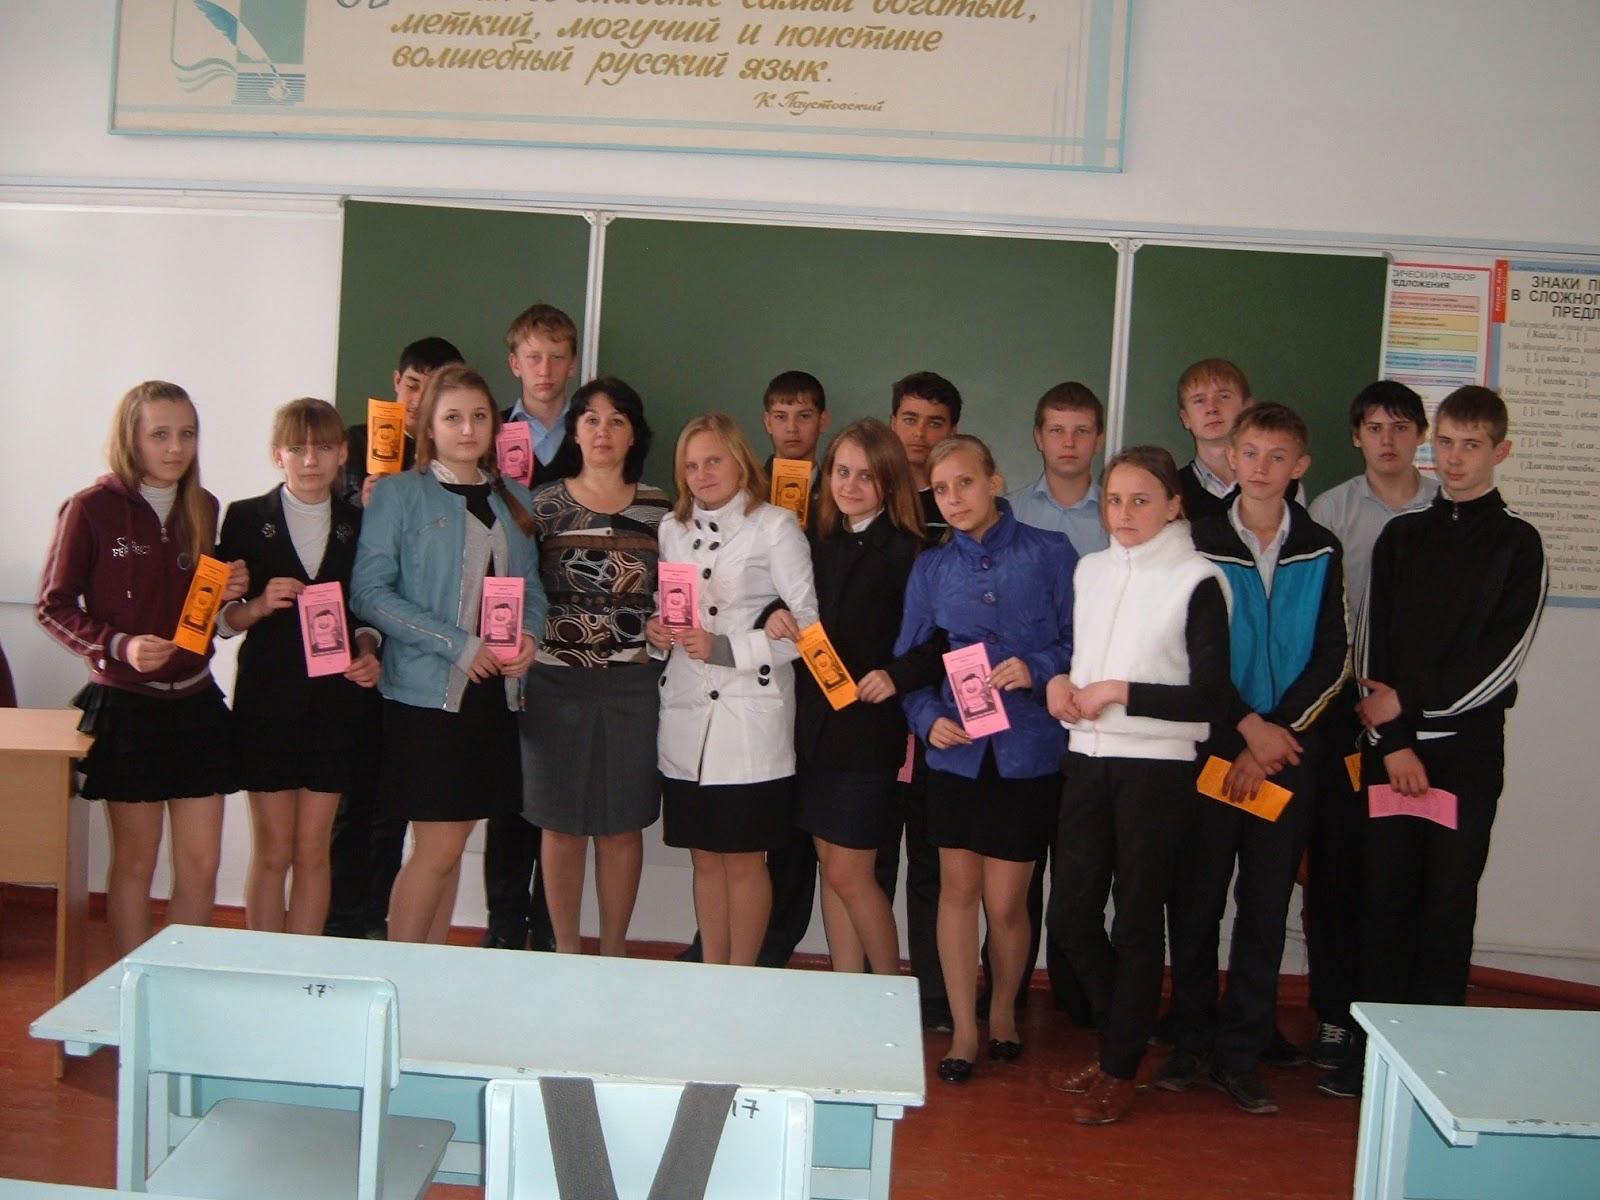 Встреча выпускников конкурсы сценки